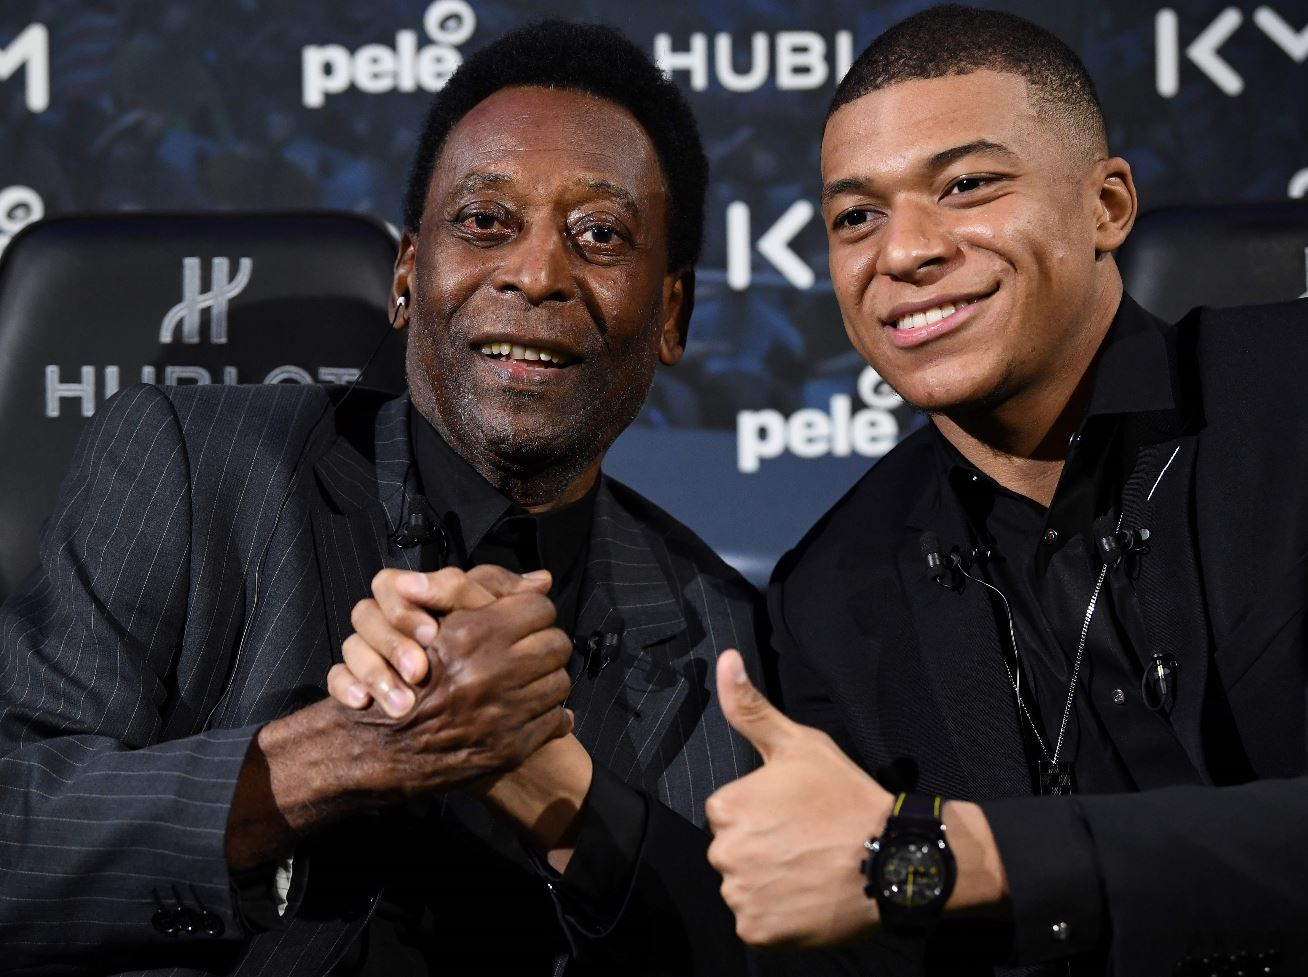 Pelé se reunió con Mbappé  en un acto publicitario donde hablaron de la trayectoria en el futbol. (Foto Prensa Libre: AFP).